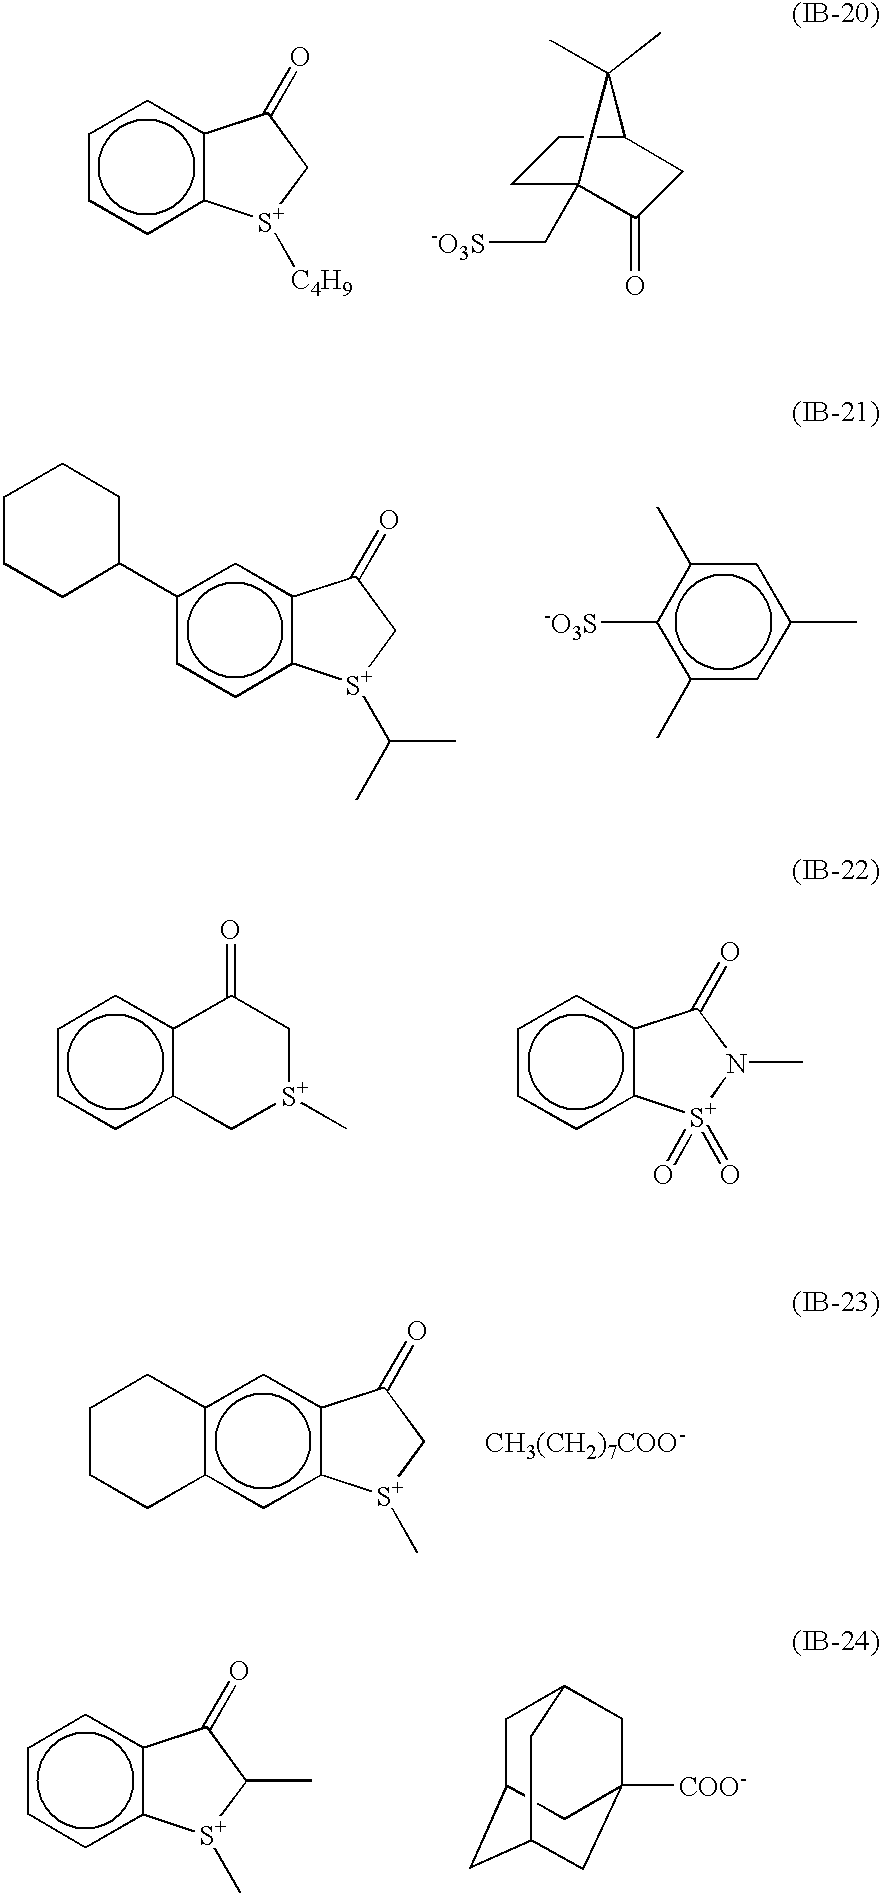 Figure US20030186161A1-20031002-C00030